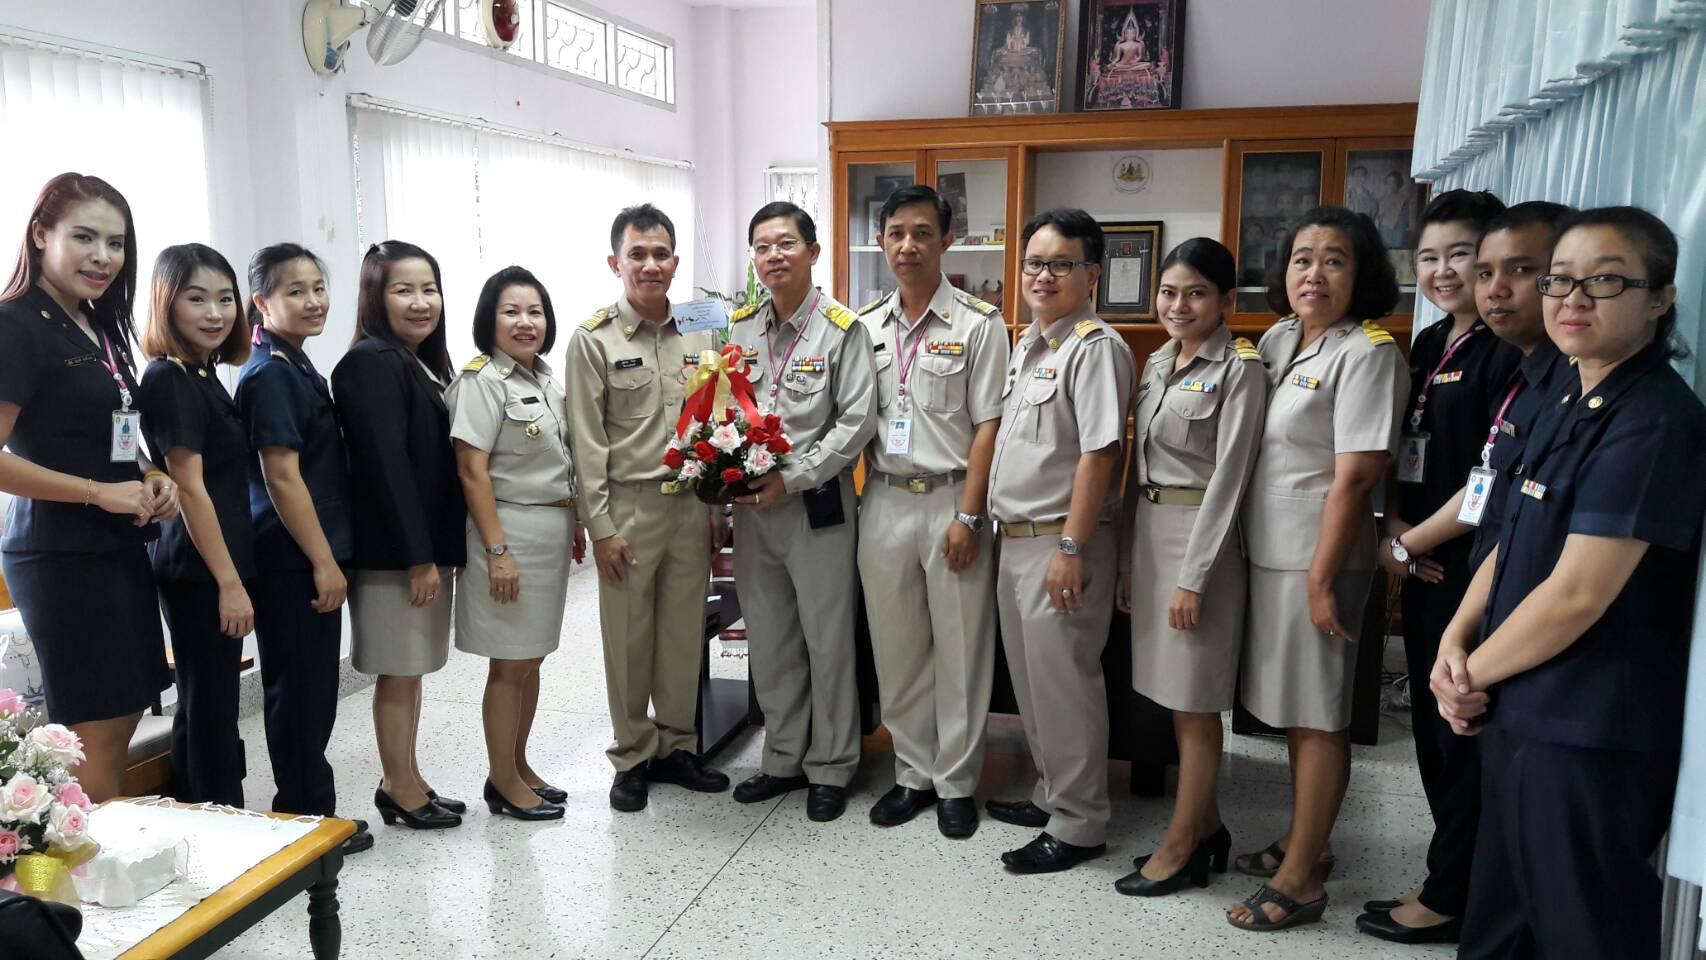 ขอแสดงความยินดีกับ ท่านยุทธนา  บัวจุน  ในโอกาสได้รับการแต่งตั้งให้ดำรงตำแหน่งจัดหางานจังหวัดน่าน